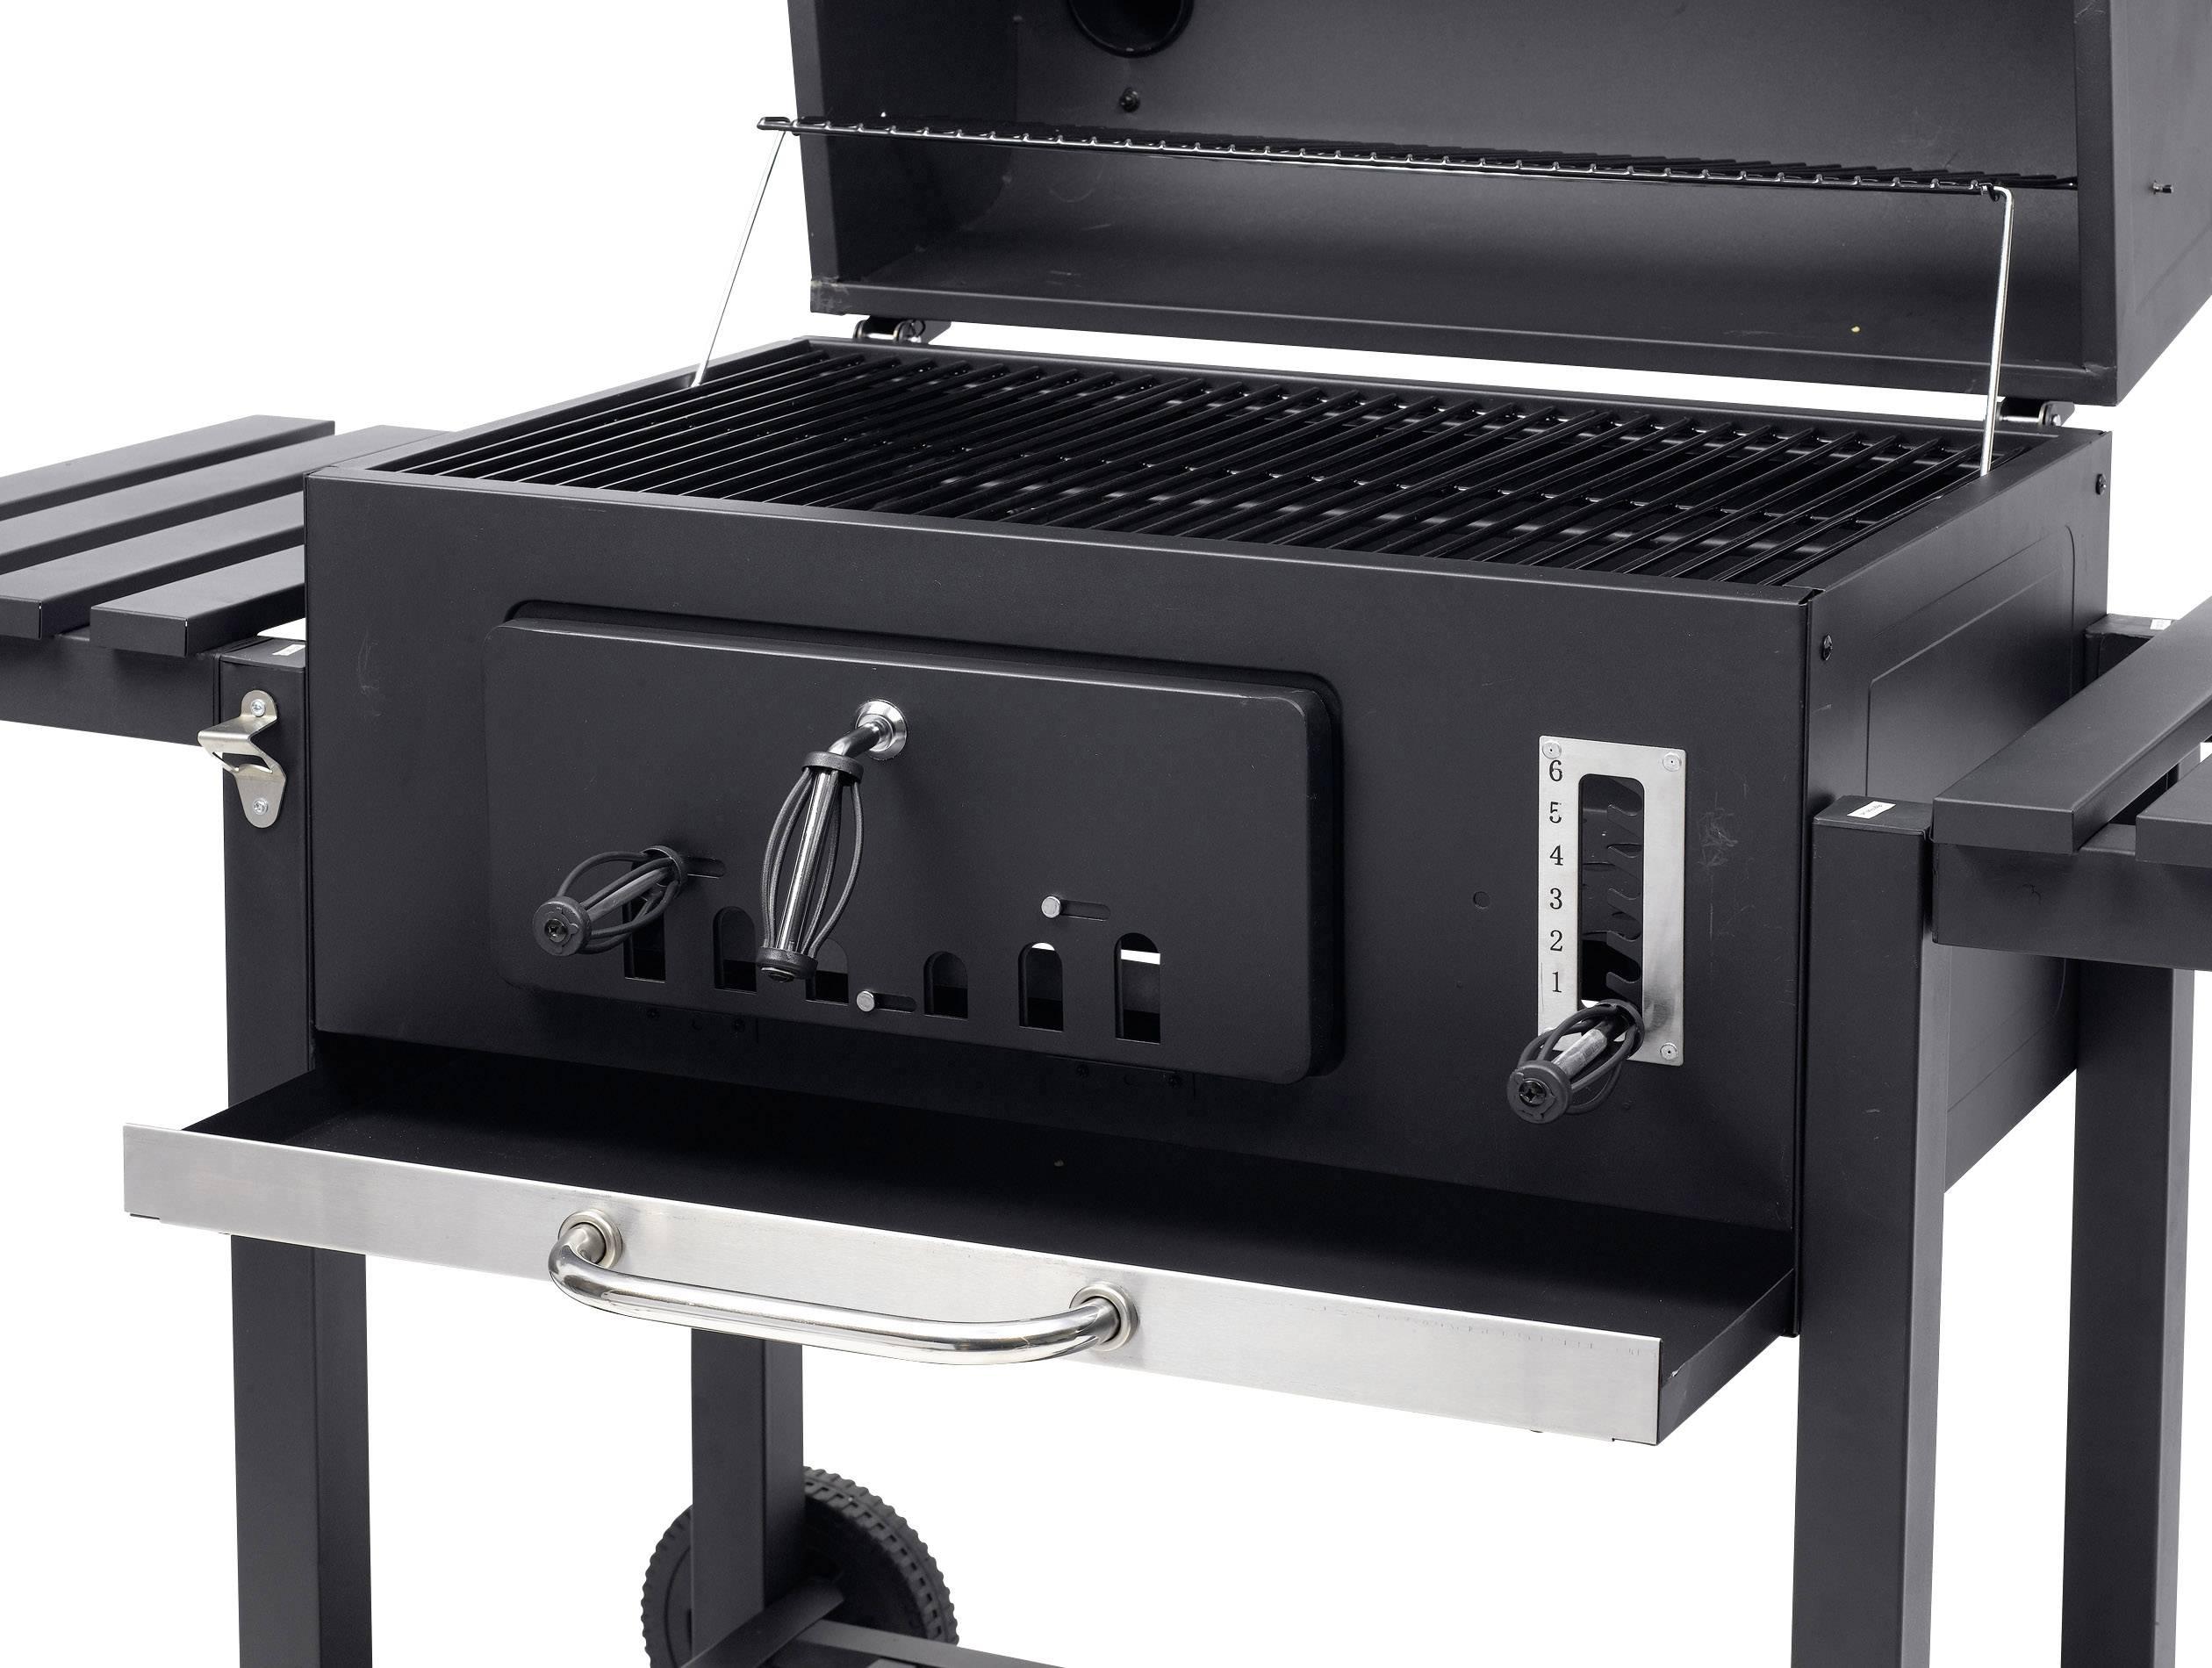 Tepro Toronto Holzkohlegrill Kaufen : Tepro garten toronto xxl grillwagen holzkohle grill thermometer im